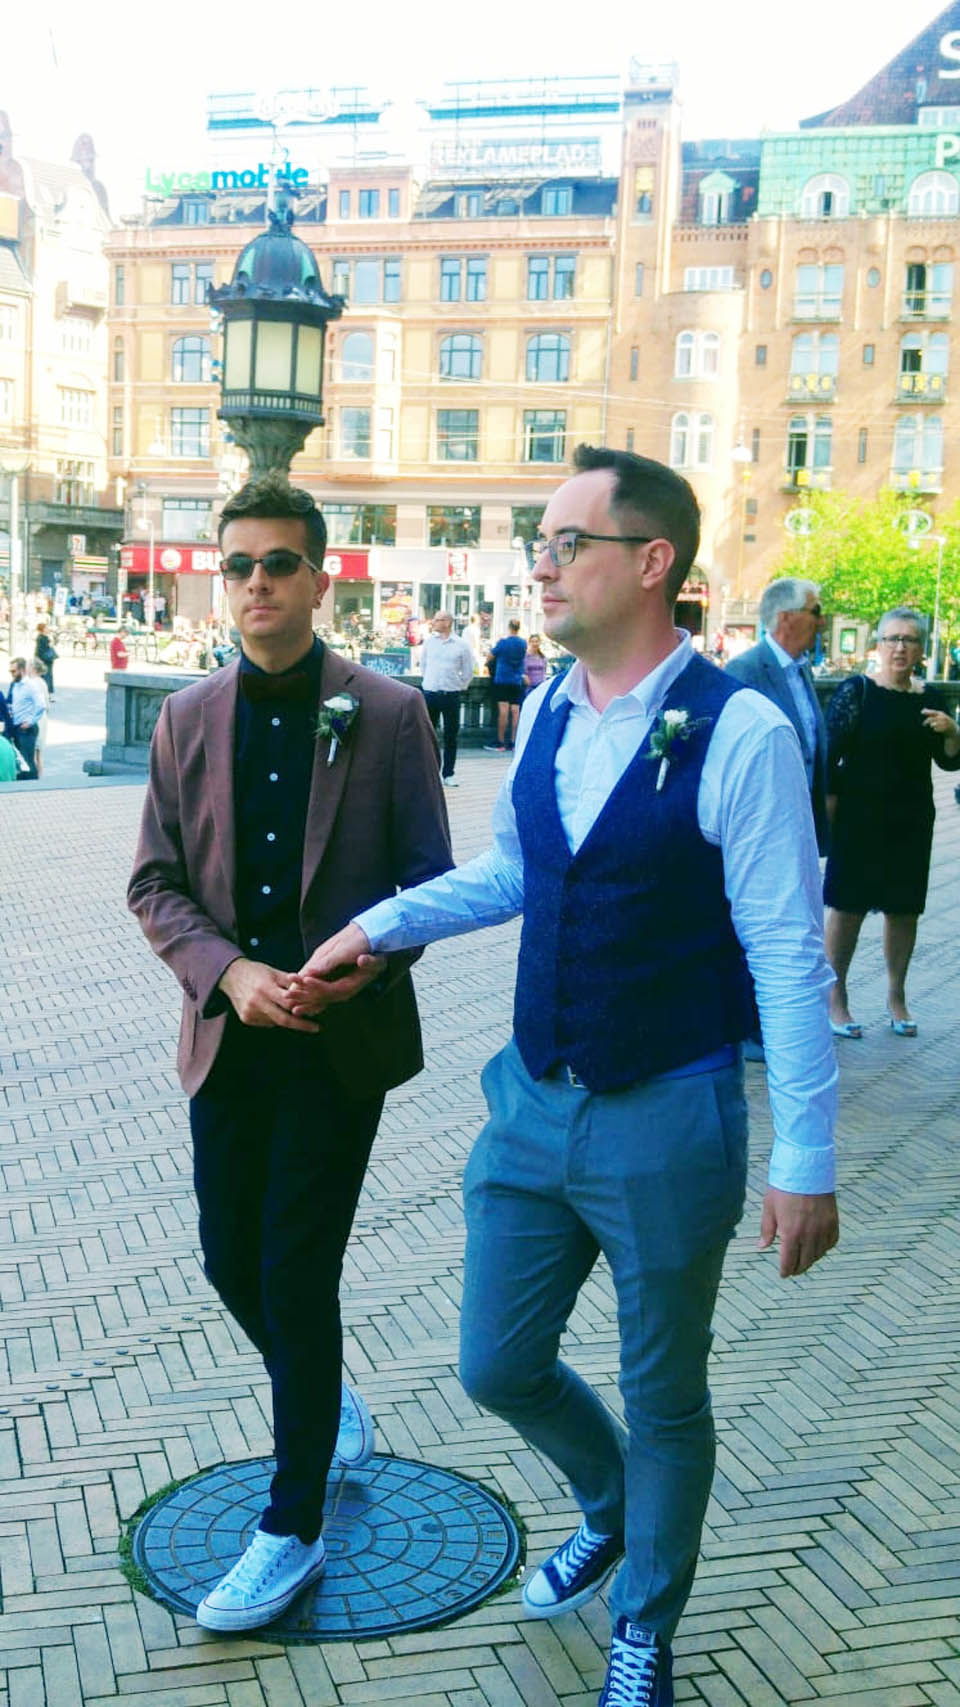 Роландо (в темных очках) и Нил в Копенгагене. Фото: из личного архива